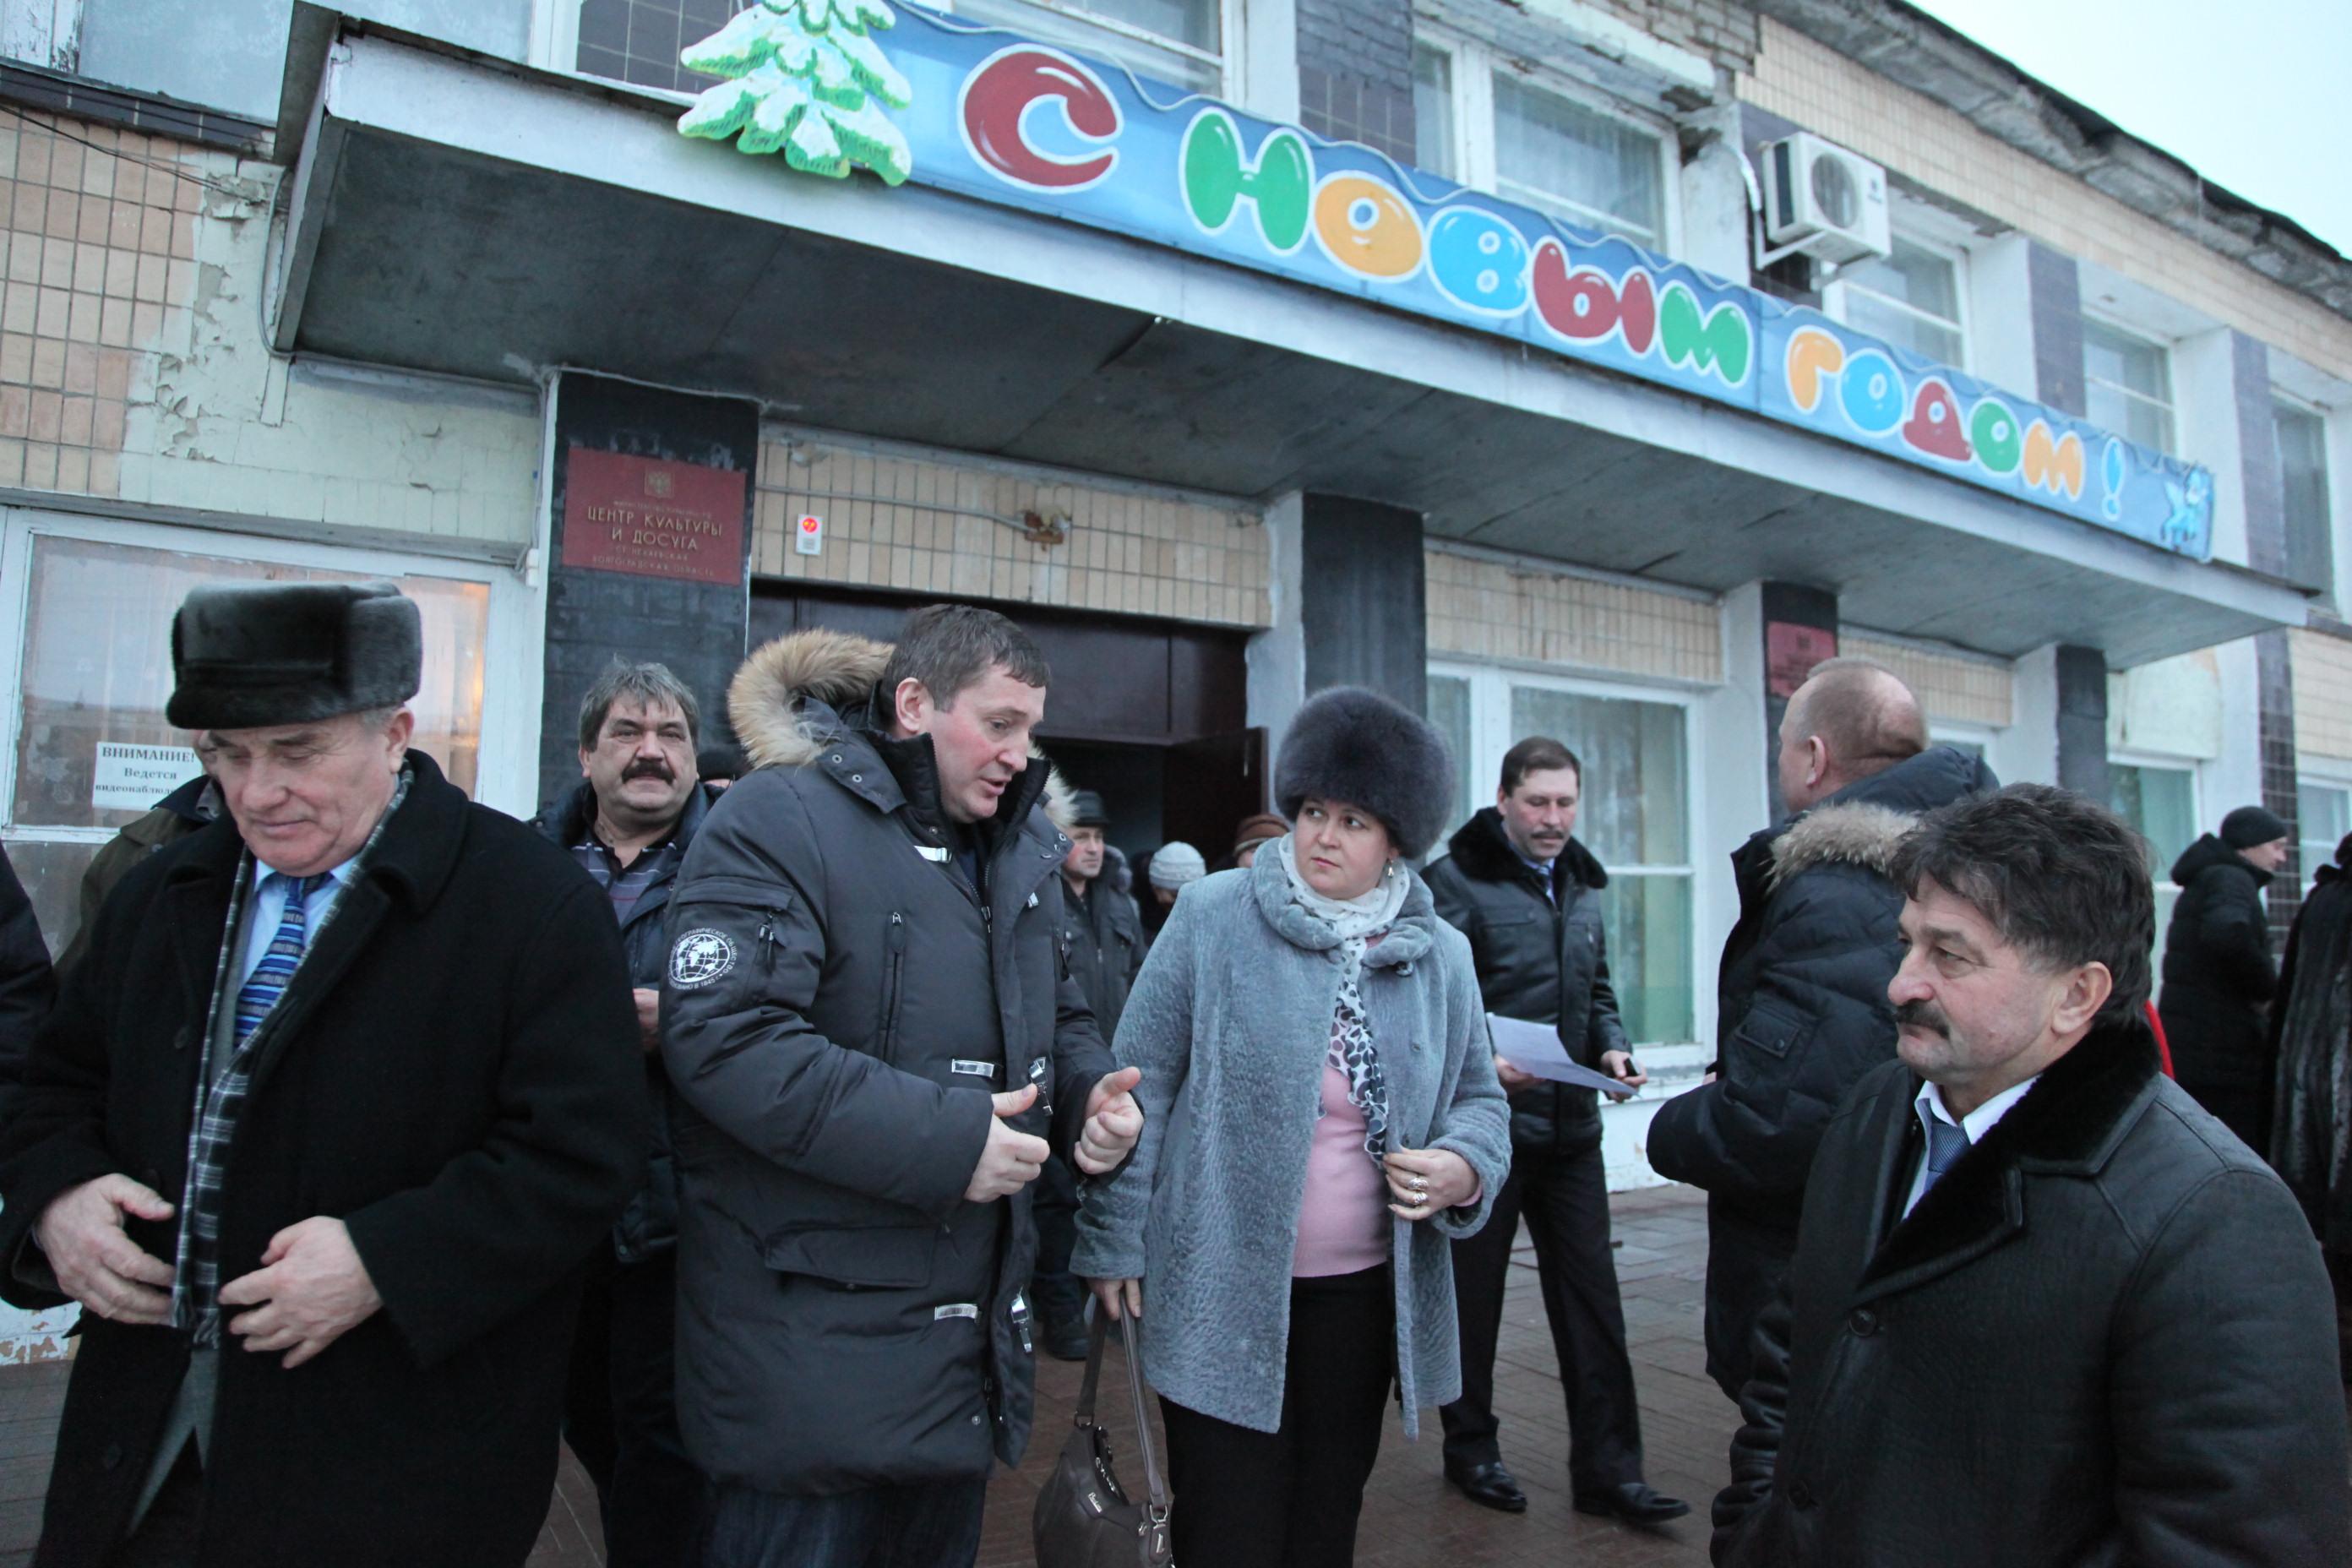 Губернатор провел встречу с жителями Нехаевского района и проинспектировал работу местной ЦРБ